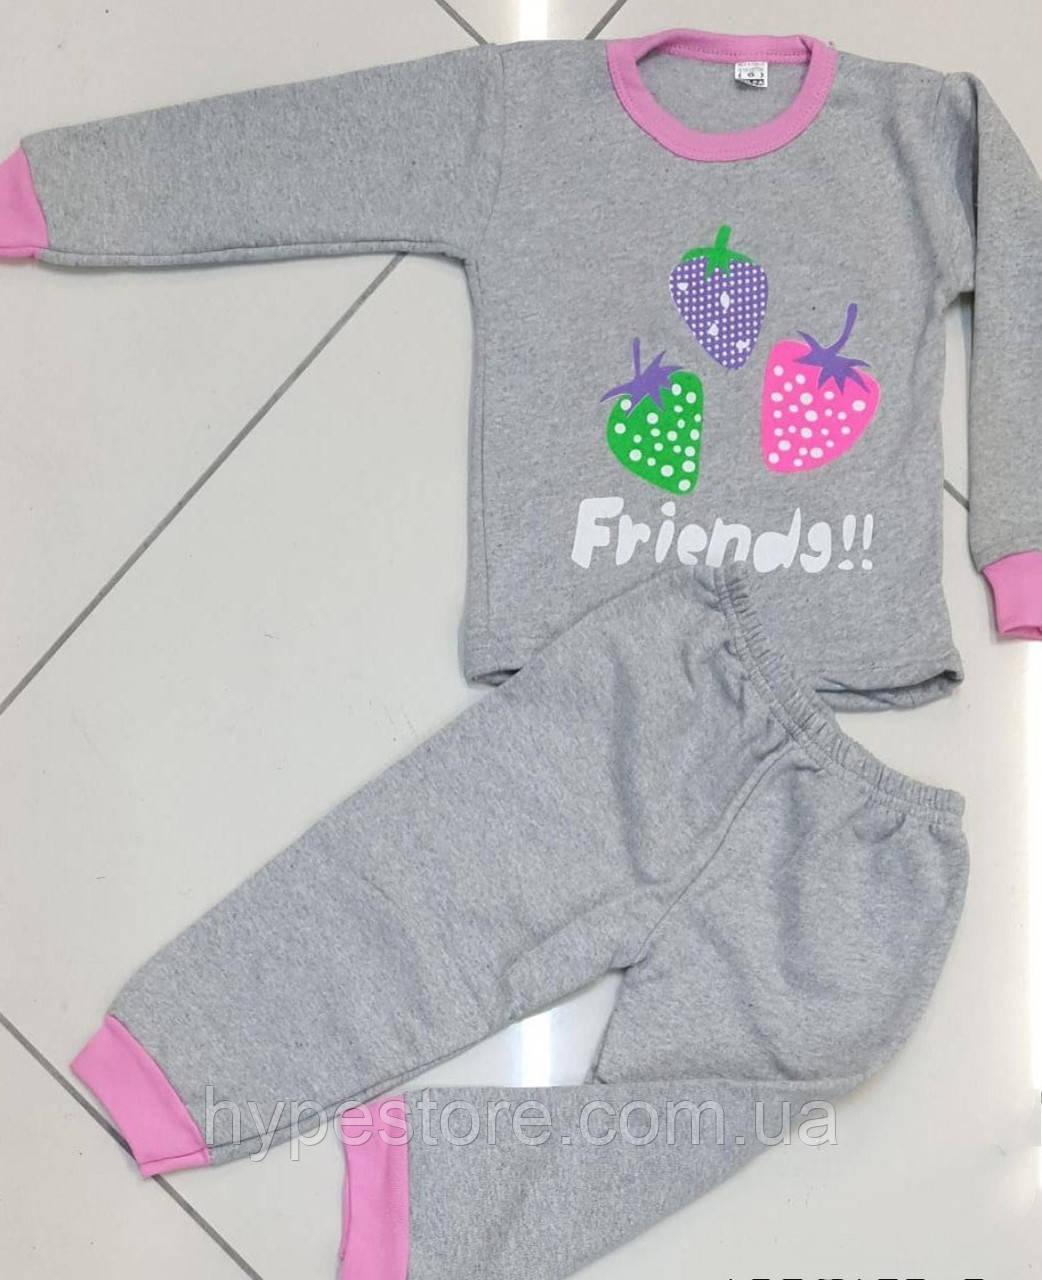 Пижама,домашний костюм для девочки,см.замеры в описании!!!!